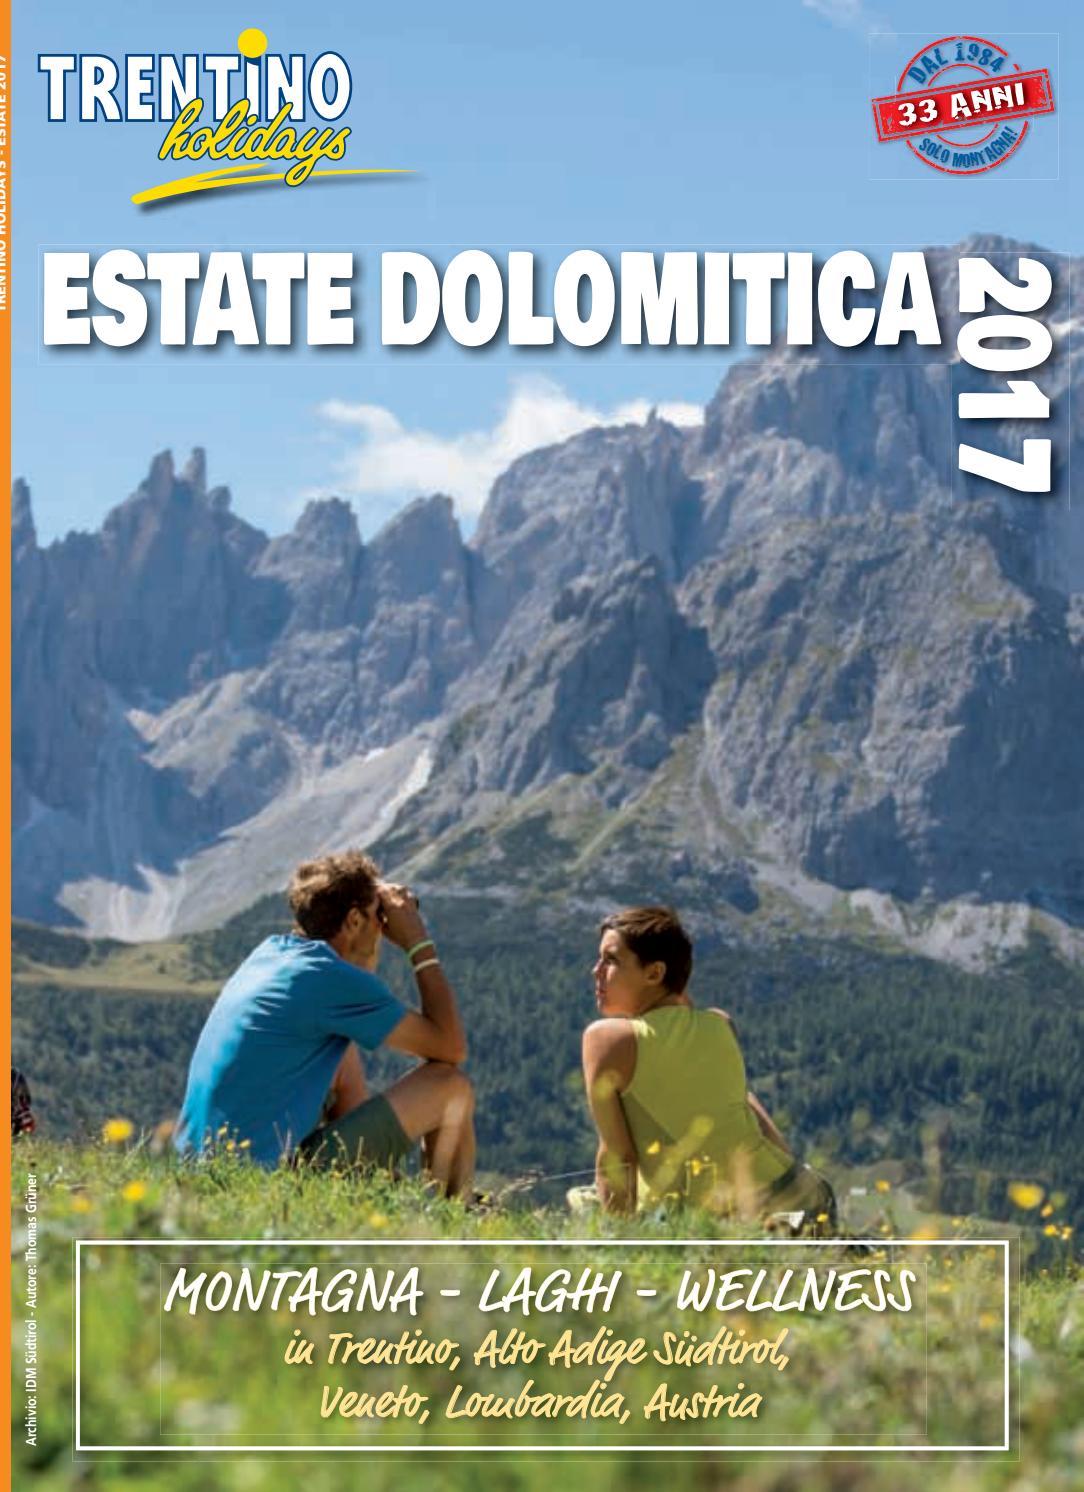 Studio Massaggio Shiro Su Lettino Con Materasso Ad Acqua Calda.Trentino Holidays Catalogo Estate 2017 By Enrico Luchi Issuu